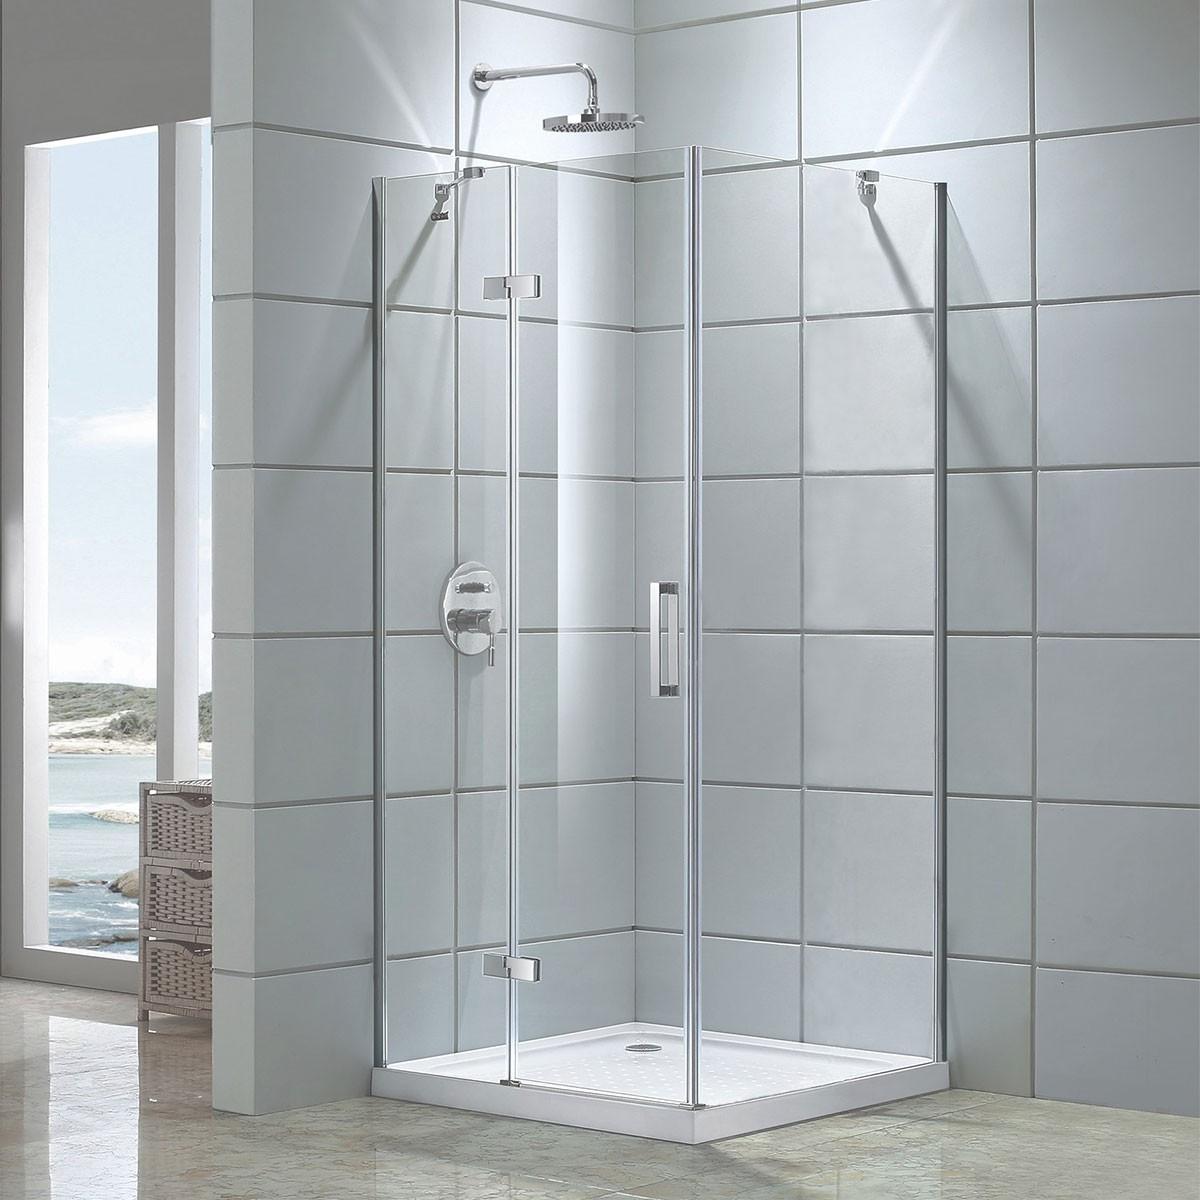 48 In. Pivot Shower Door and 36 In. Side Panel (DK-D306-90)